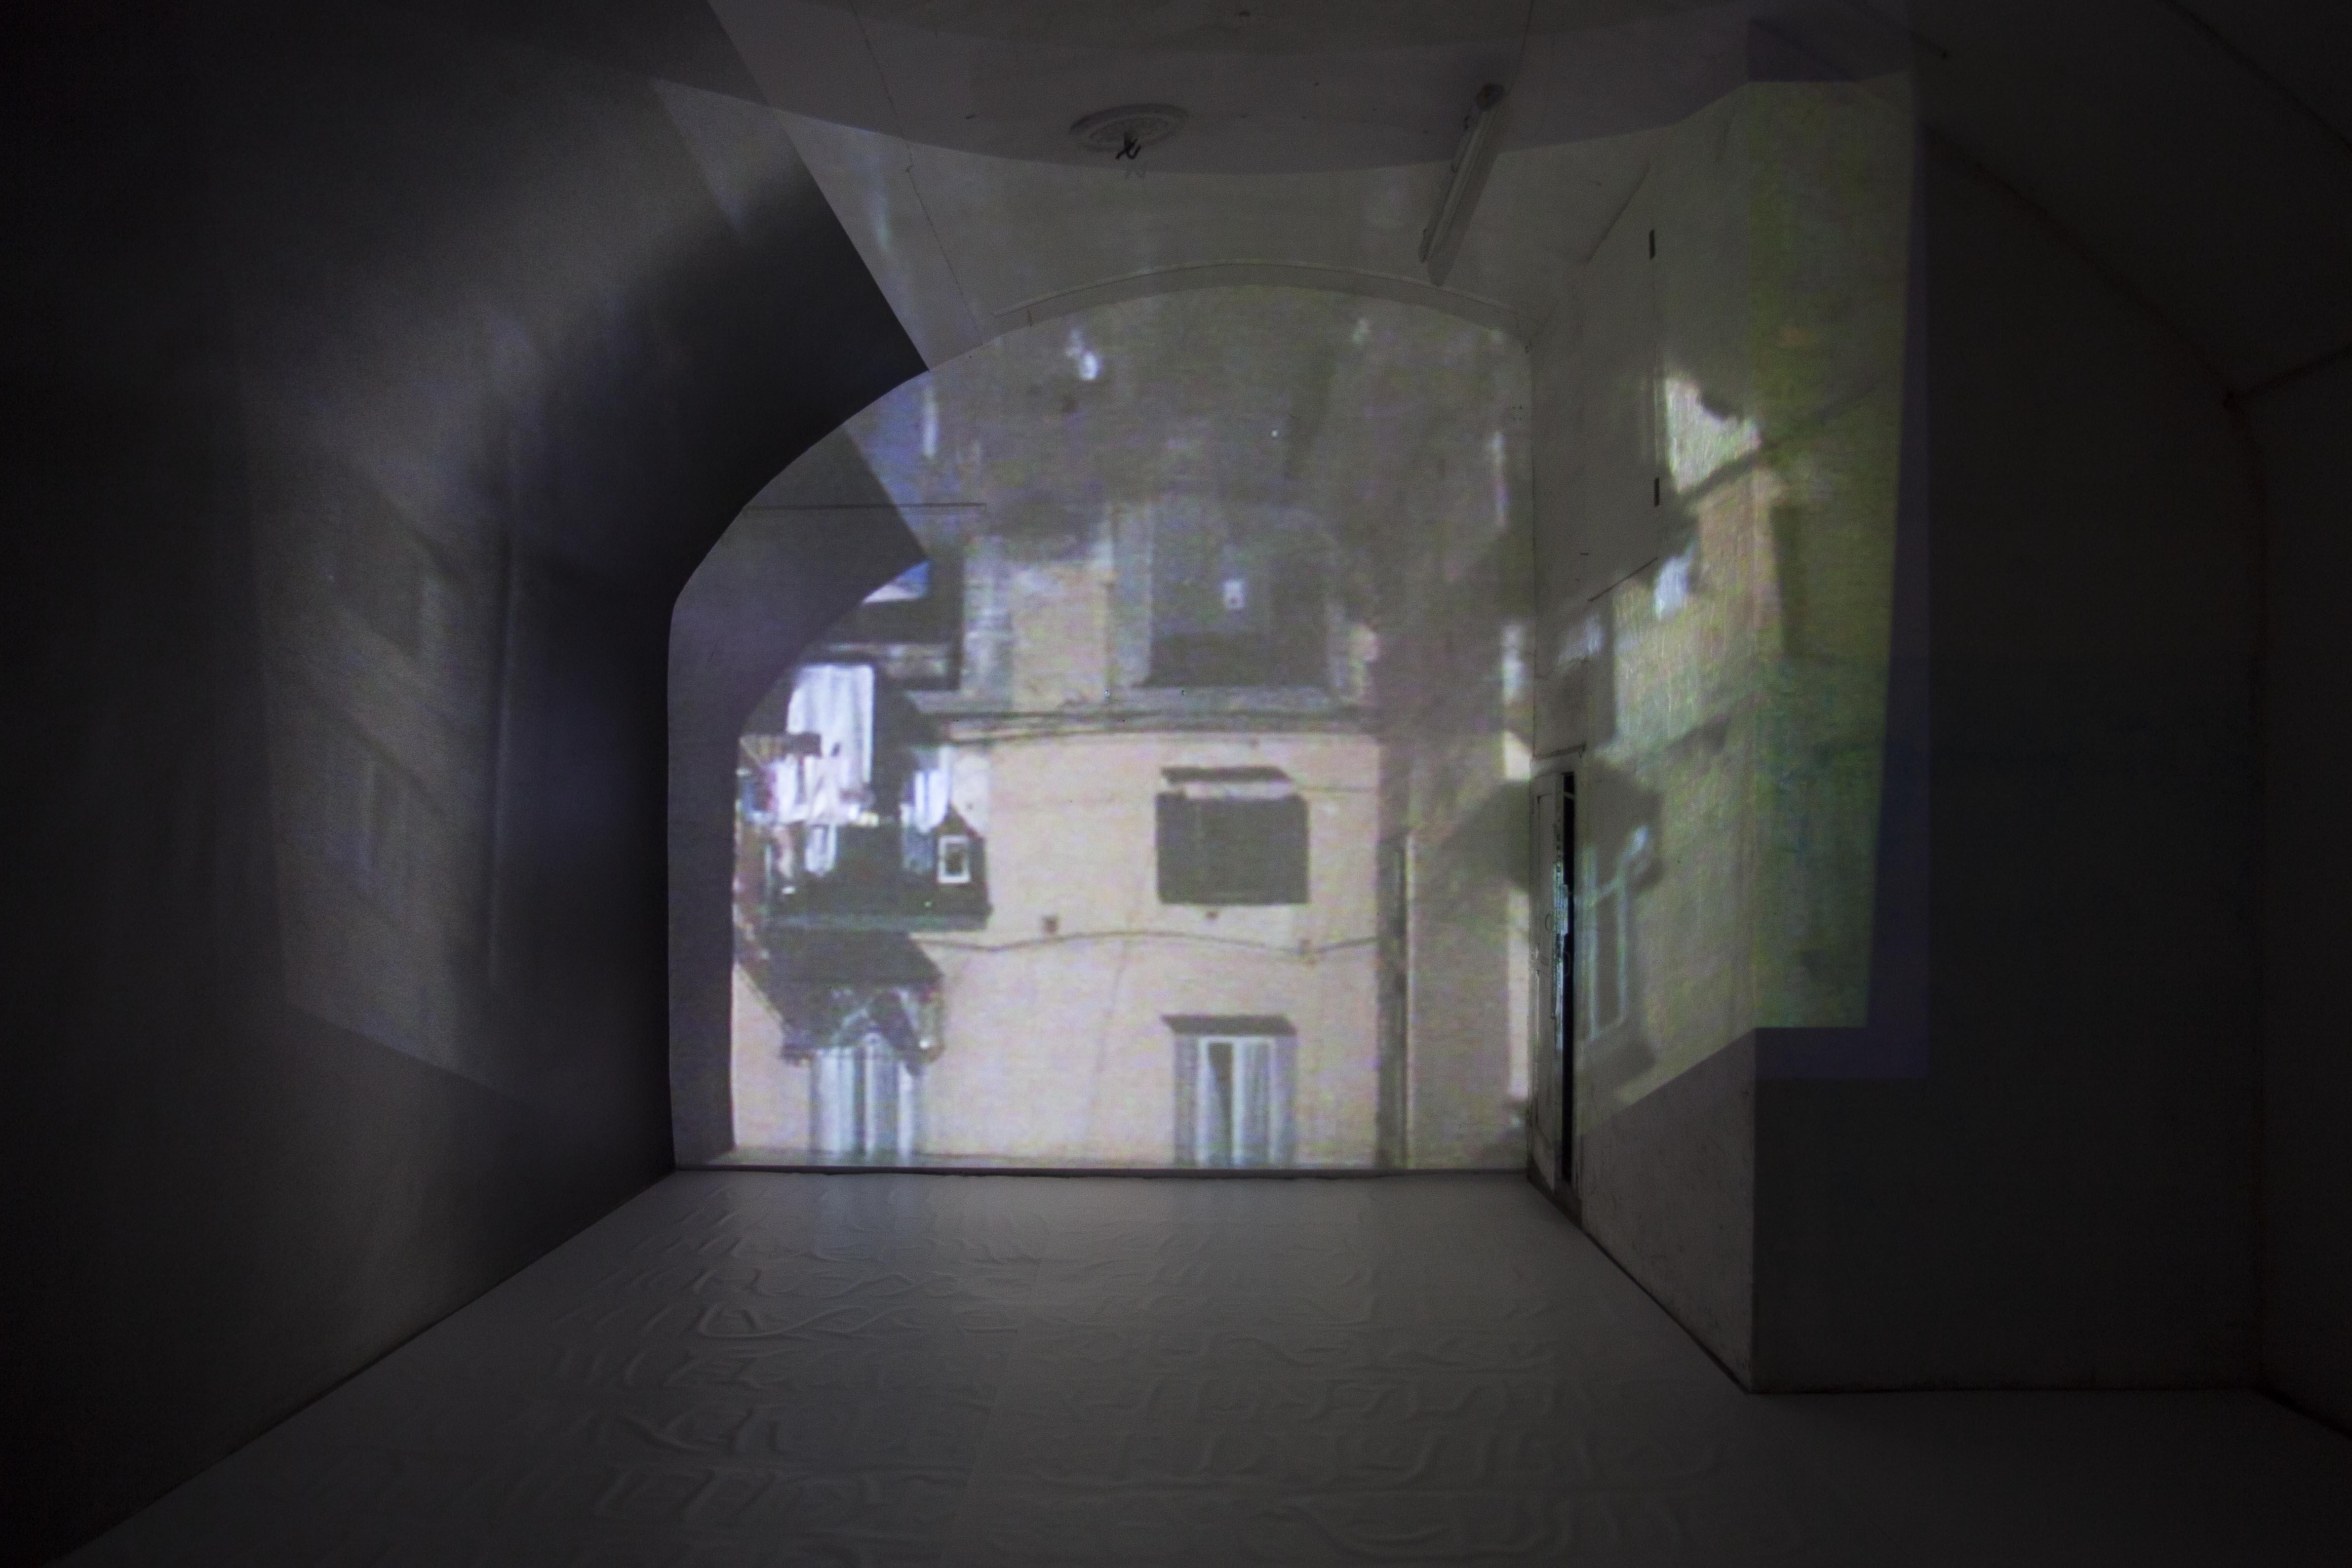 Camere Oscure Bologna : 10. luci 2014 camera oscura installazione courtesy lartista e